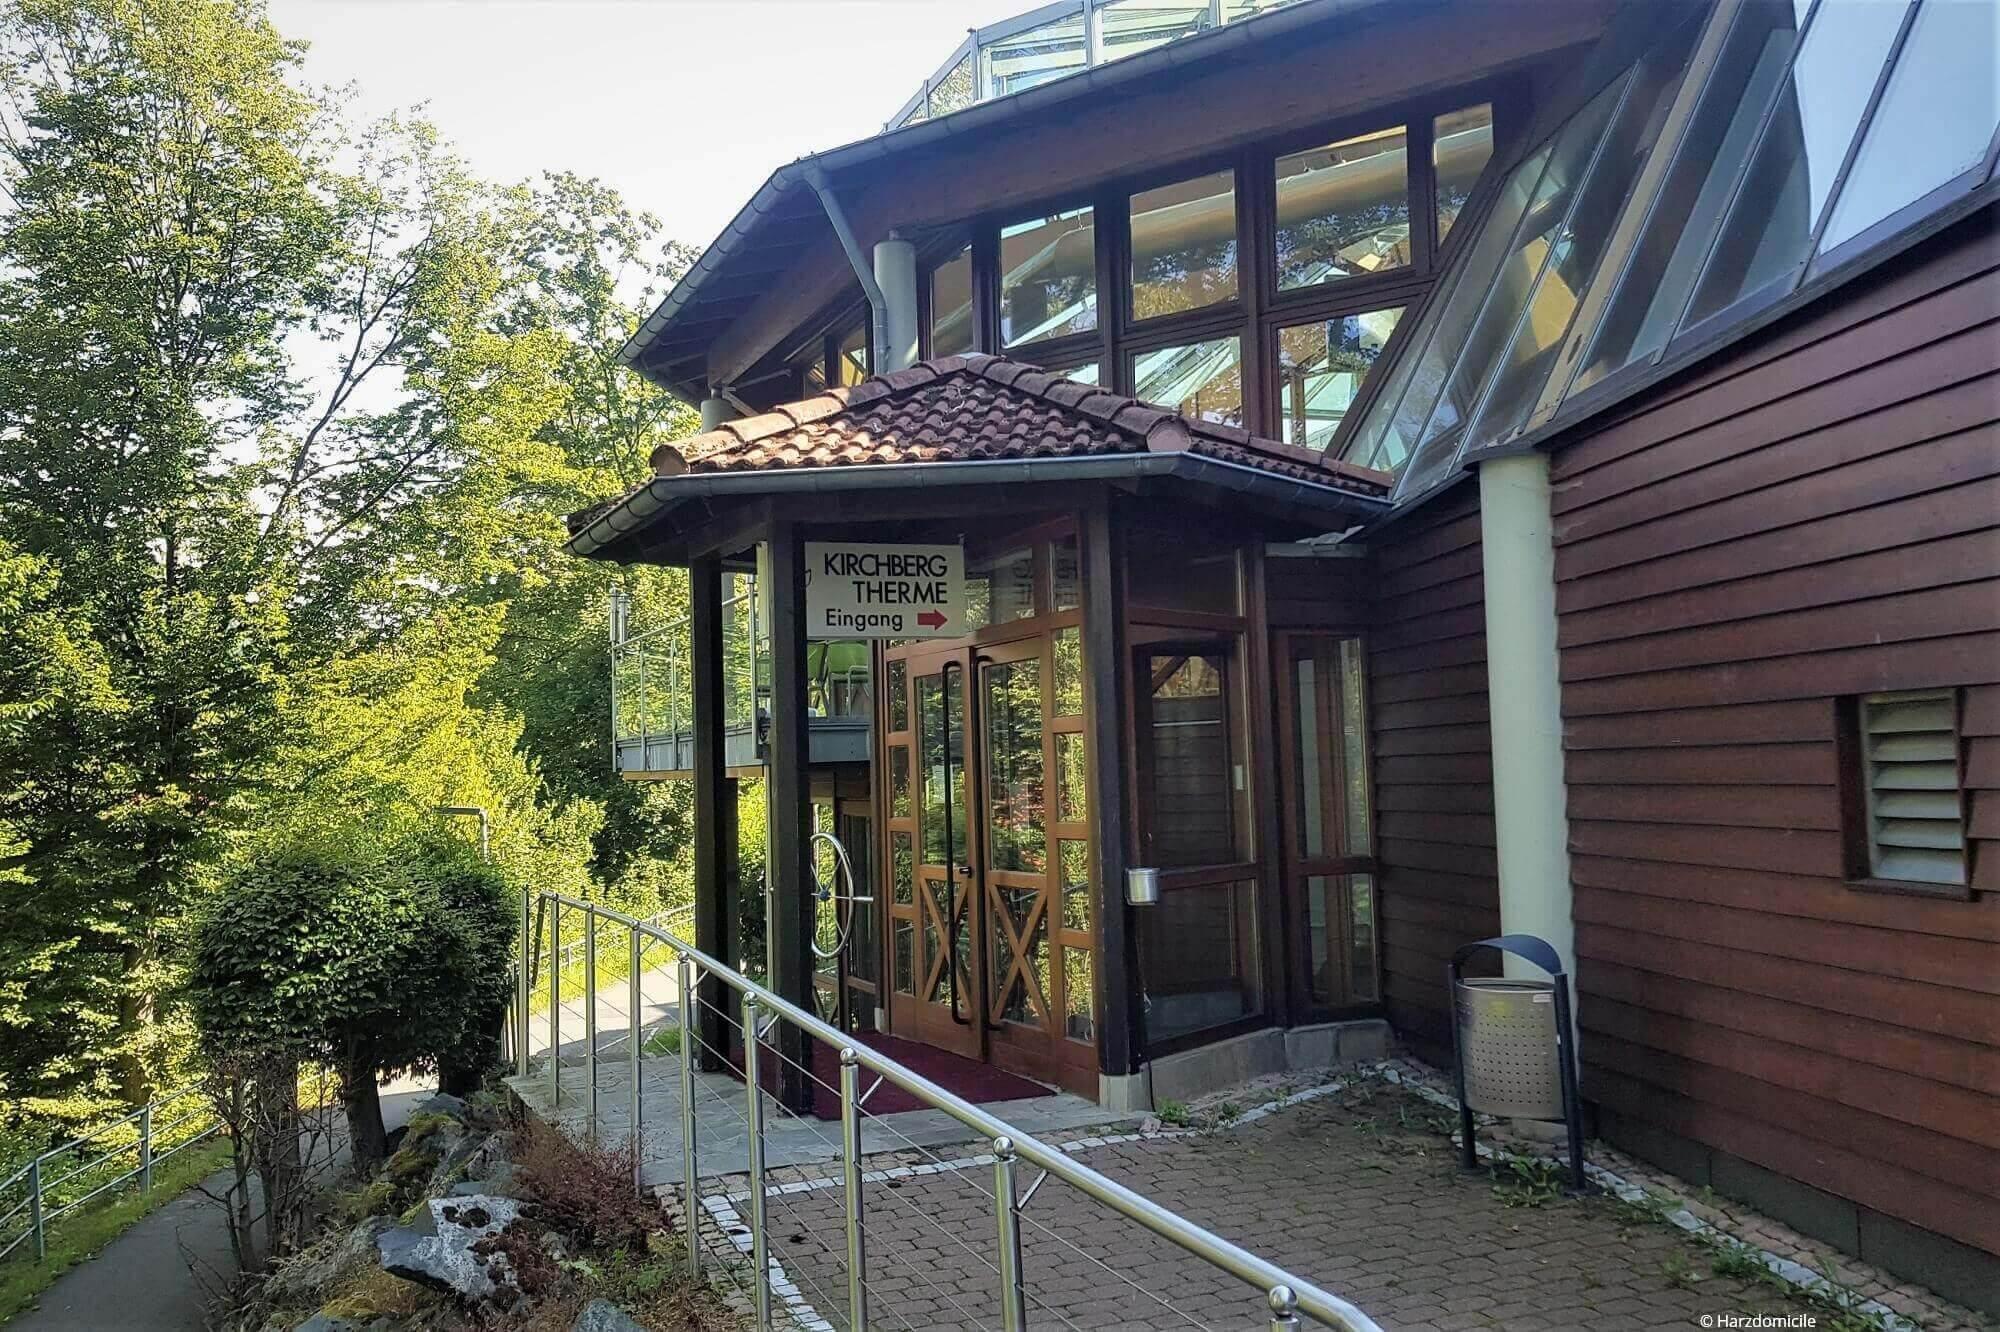 Außenansicht des Eingangsbereiches der Kirchberg Therme in Bad Lauterberg im Harz in der Straße Kirchberg 7-11.